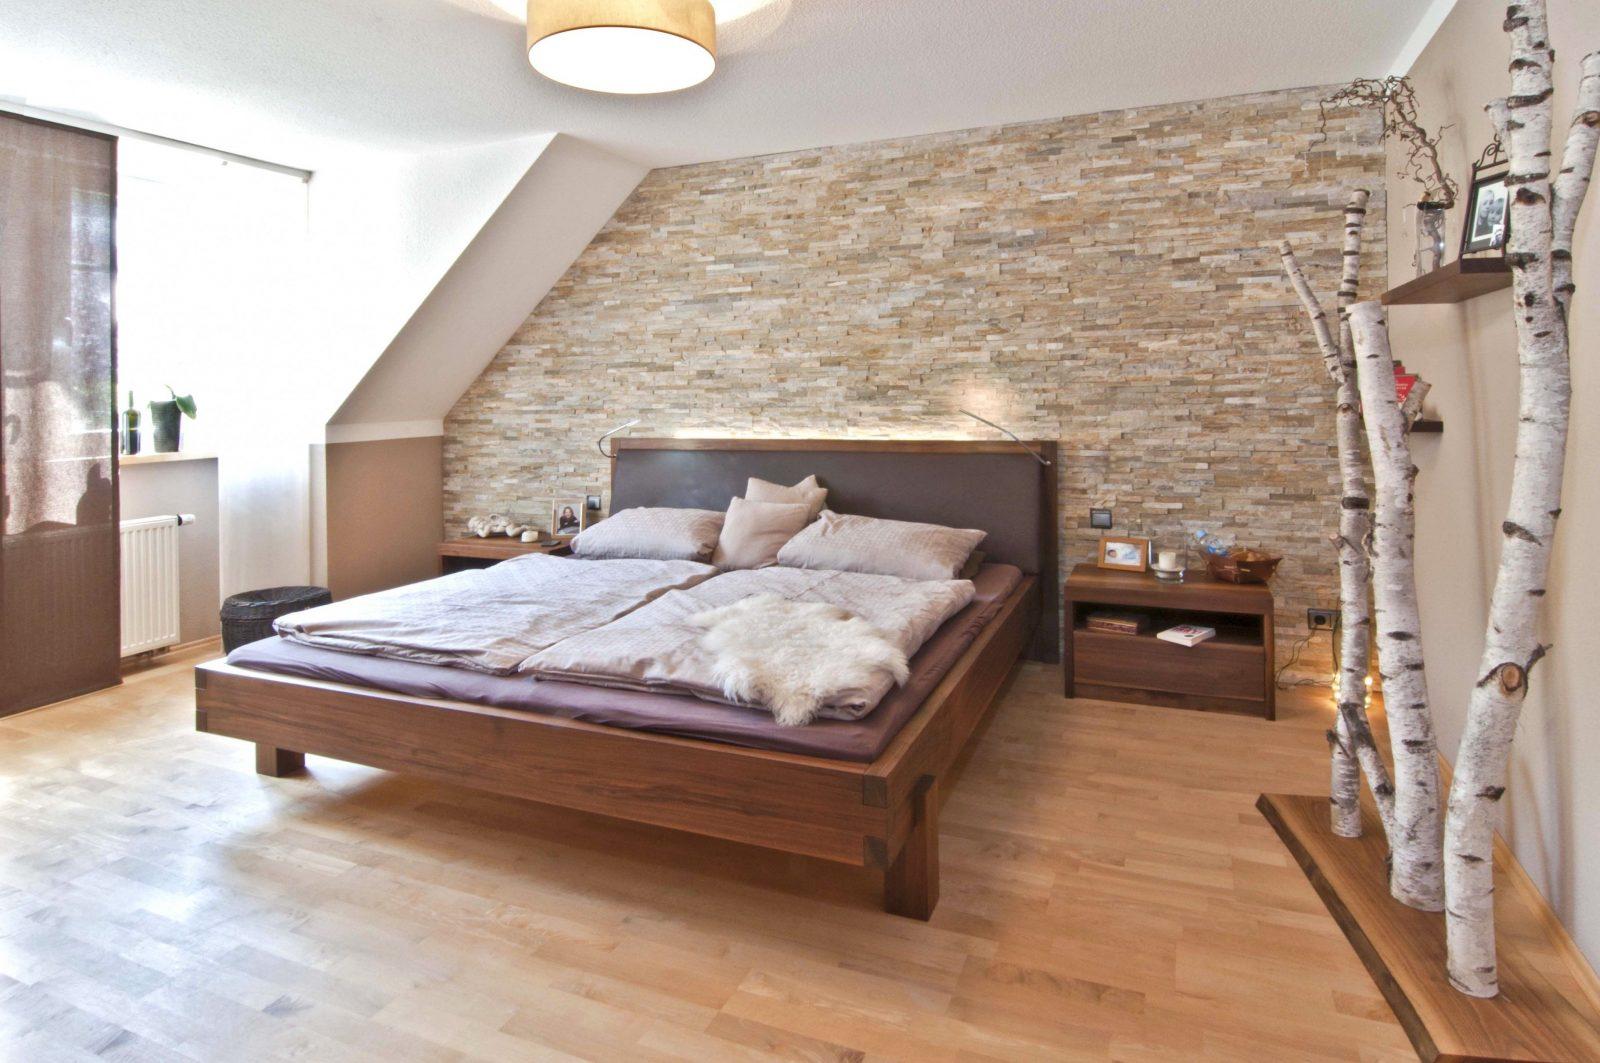 15 Schlafzimmer Deko Basteln Bilder Schlafzimmer Bett Holz Avec von Wanddeko Schlafzimmer Selber Machen Photo